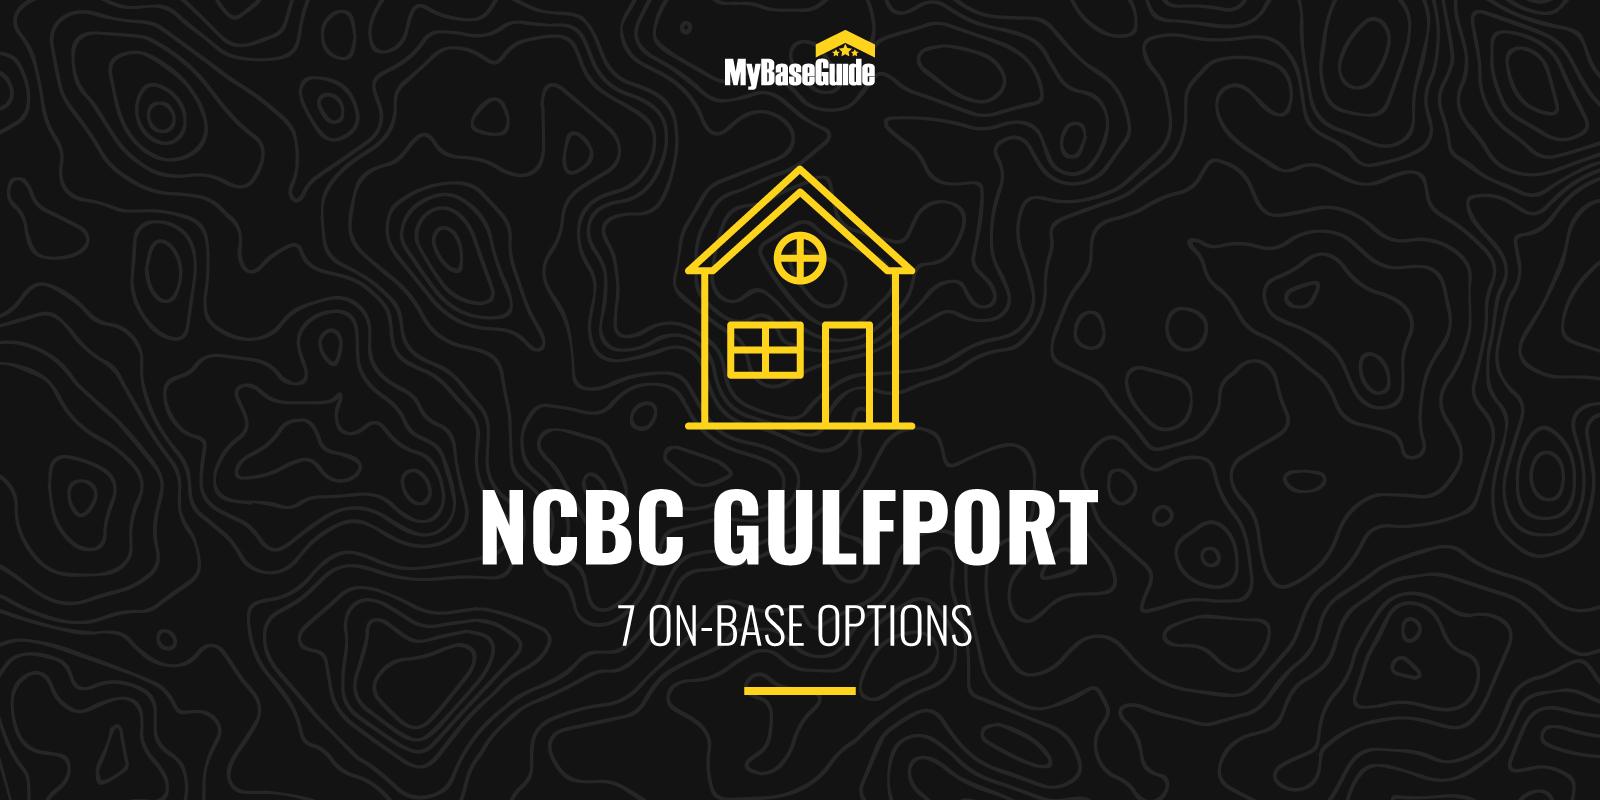 NCBC Gulfport Housing: 7 On-Base Options